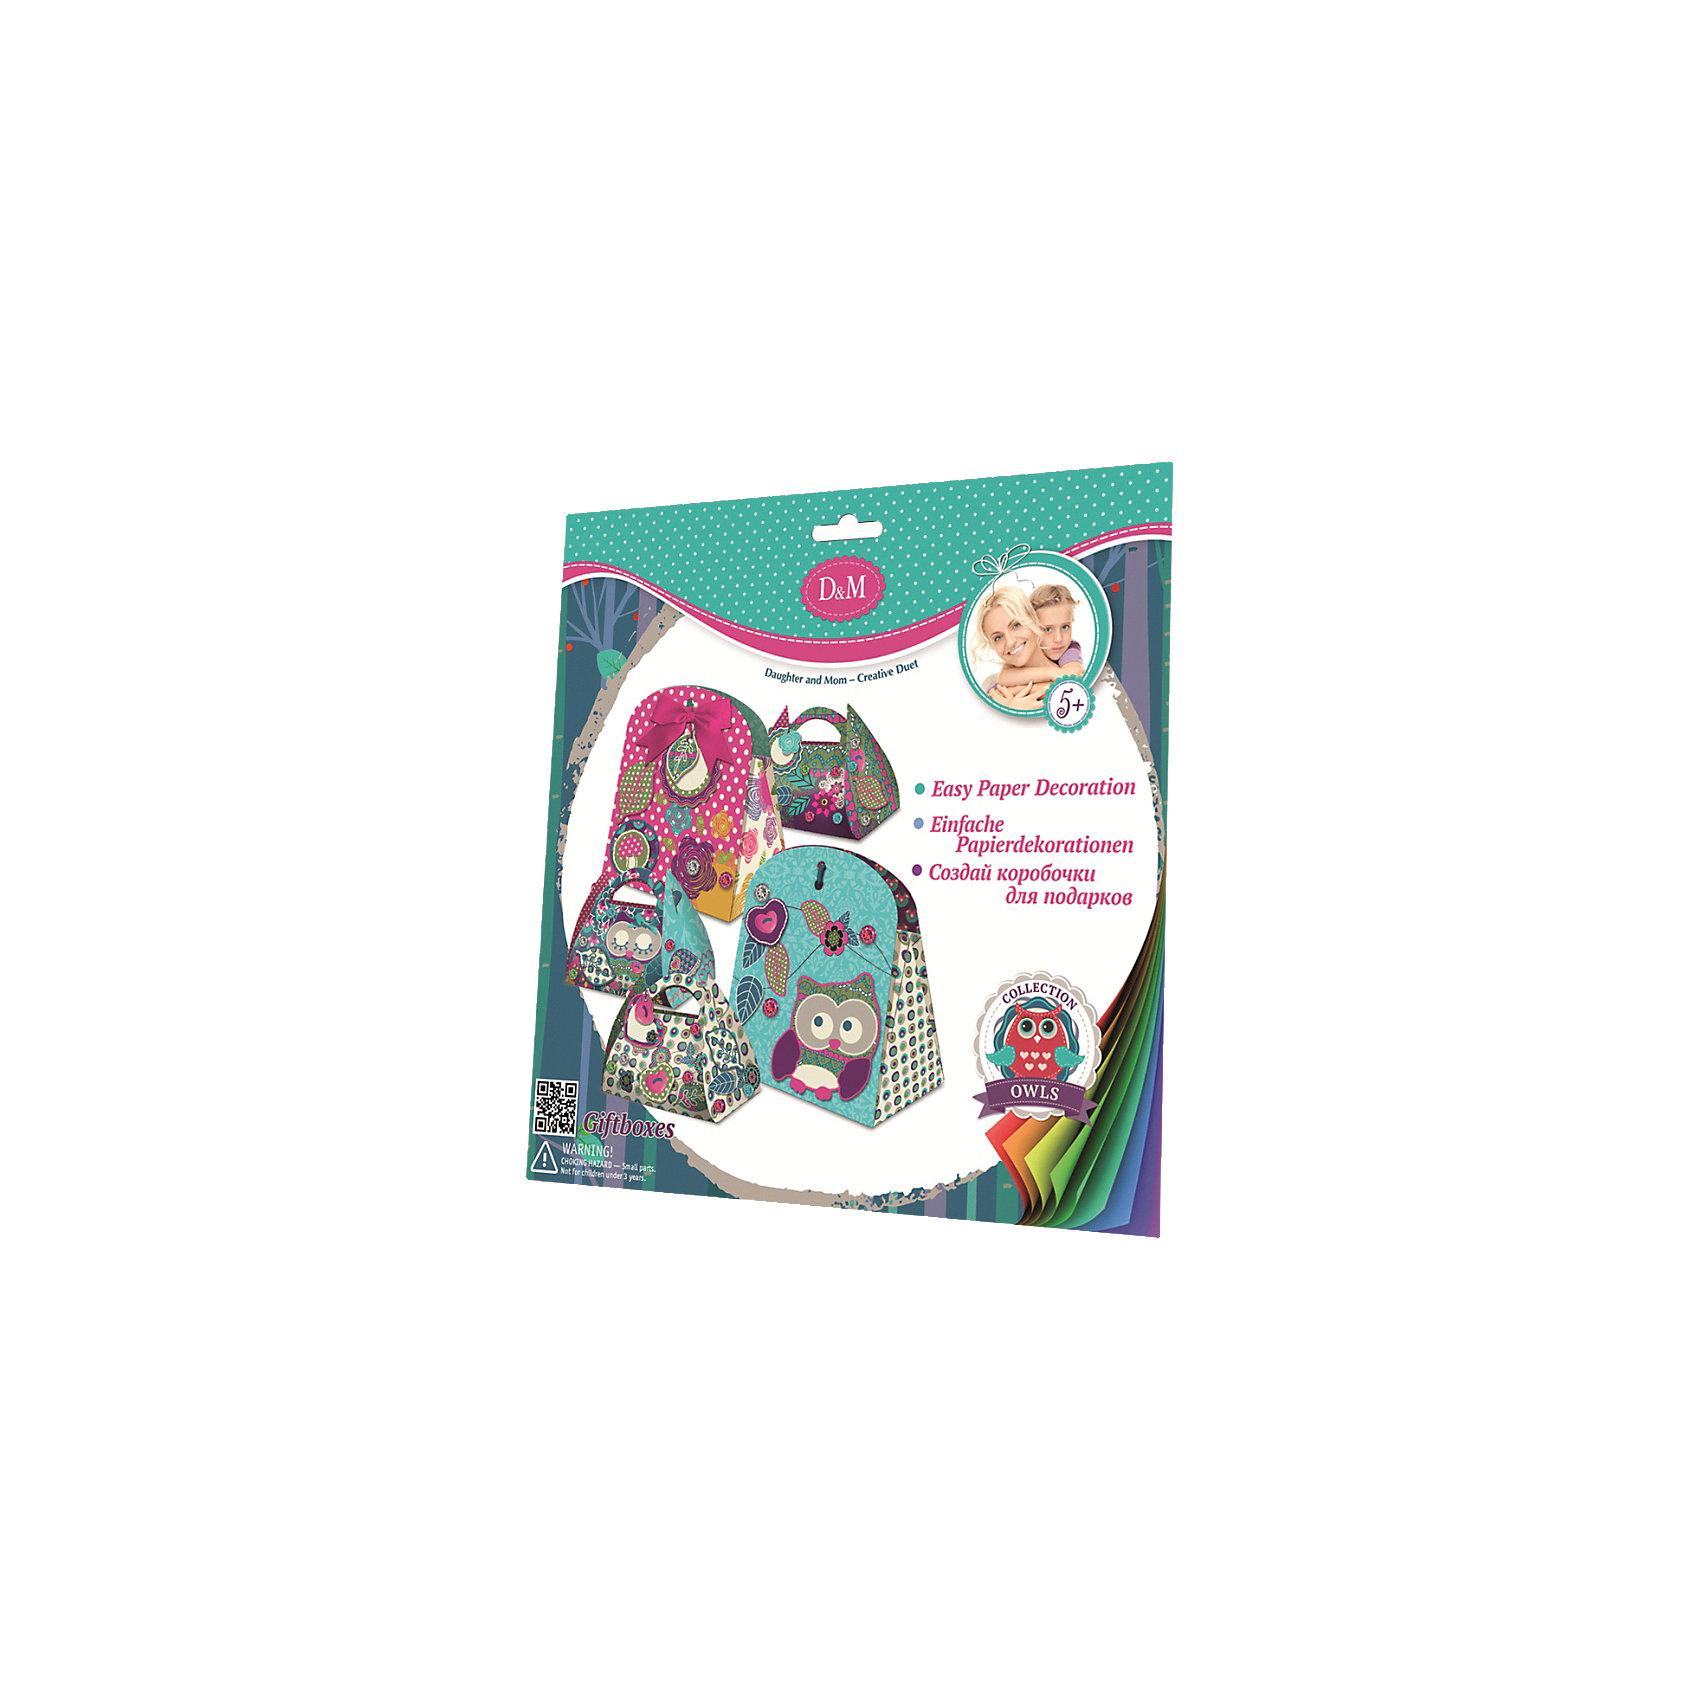 Набор  подарочных коробочек СовыВсё для праздника<br>Оригинальный набор «Совы» поможет самостоятельно сделать симпатичные бумажные коробочки. Они станут отличной упаковкой для подарка, а увлекательный процесс их изготовления заинтересует не только детей но и их родителей.<br><br>Дополнительная информация:<br><br>- Возраст: от 5 лет<br>- В комплекте: 5 заготовок для коробочек, 30 страз, 2 ленточки<br>- Материал: текстиль, дерево, пластик<br>- Размер упаковки: 25х24х2 см<br>- Вес: 0.16 кг<br><br>Набор подарочных коробочек Совы можно купить в нашем интернет-магазине.<br><br>Ширина мм: 250<br>Глубина мм: 5<br>Высота мм: 245<br>Вес г: 165<br>Возраст от месяцев: 60<br>Возраст до месяцев: 144<br>Пол: Женский<br>Возраст: Детский<br>SKU: 4834084